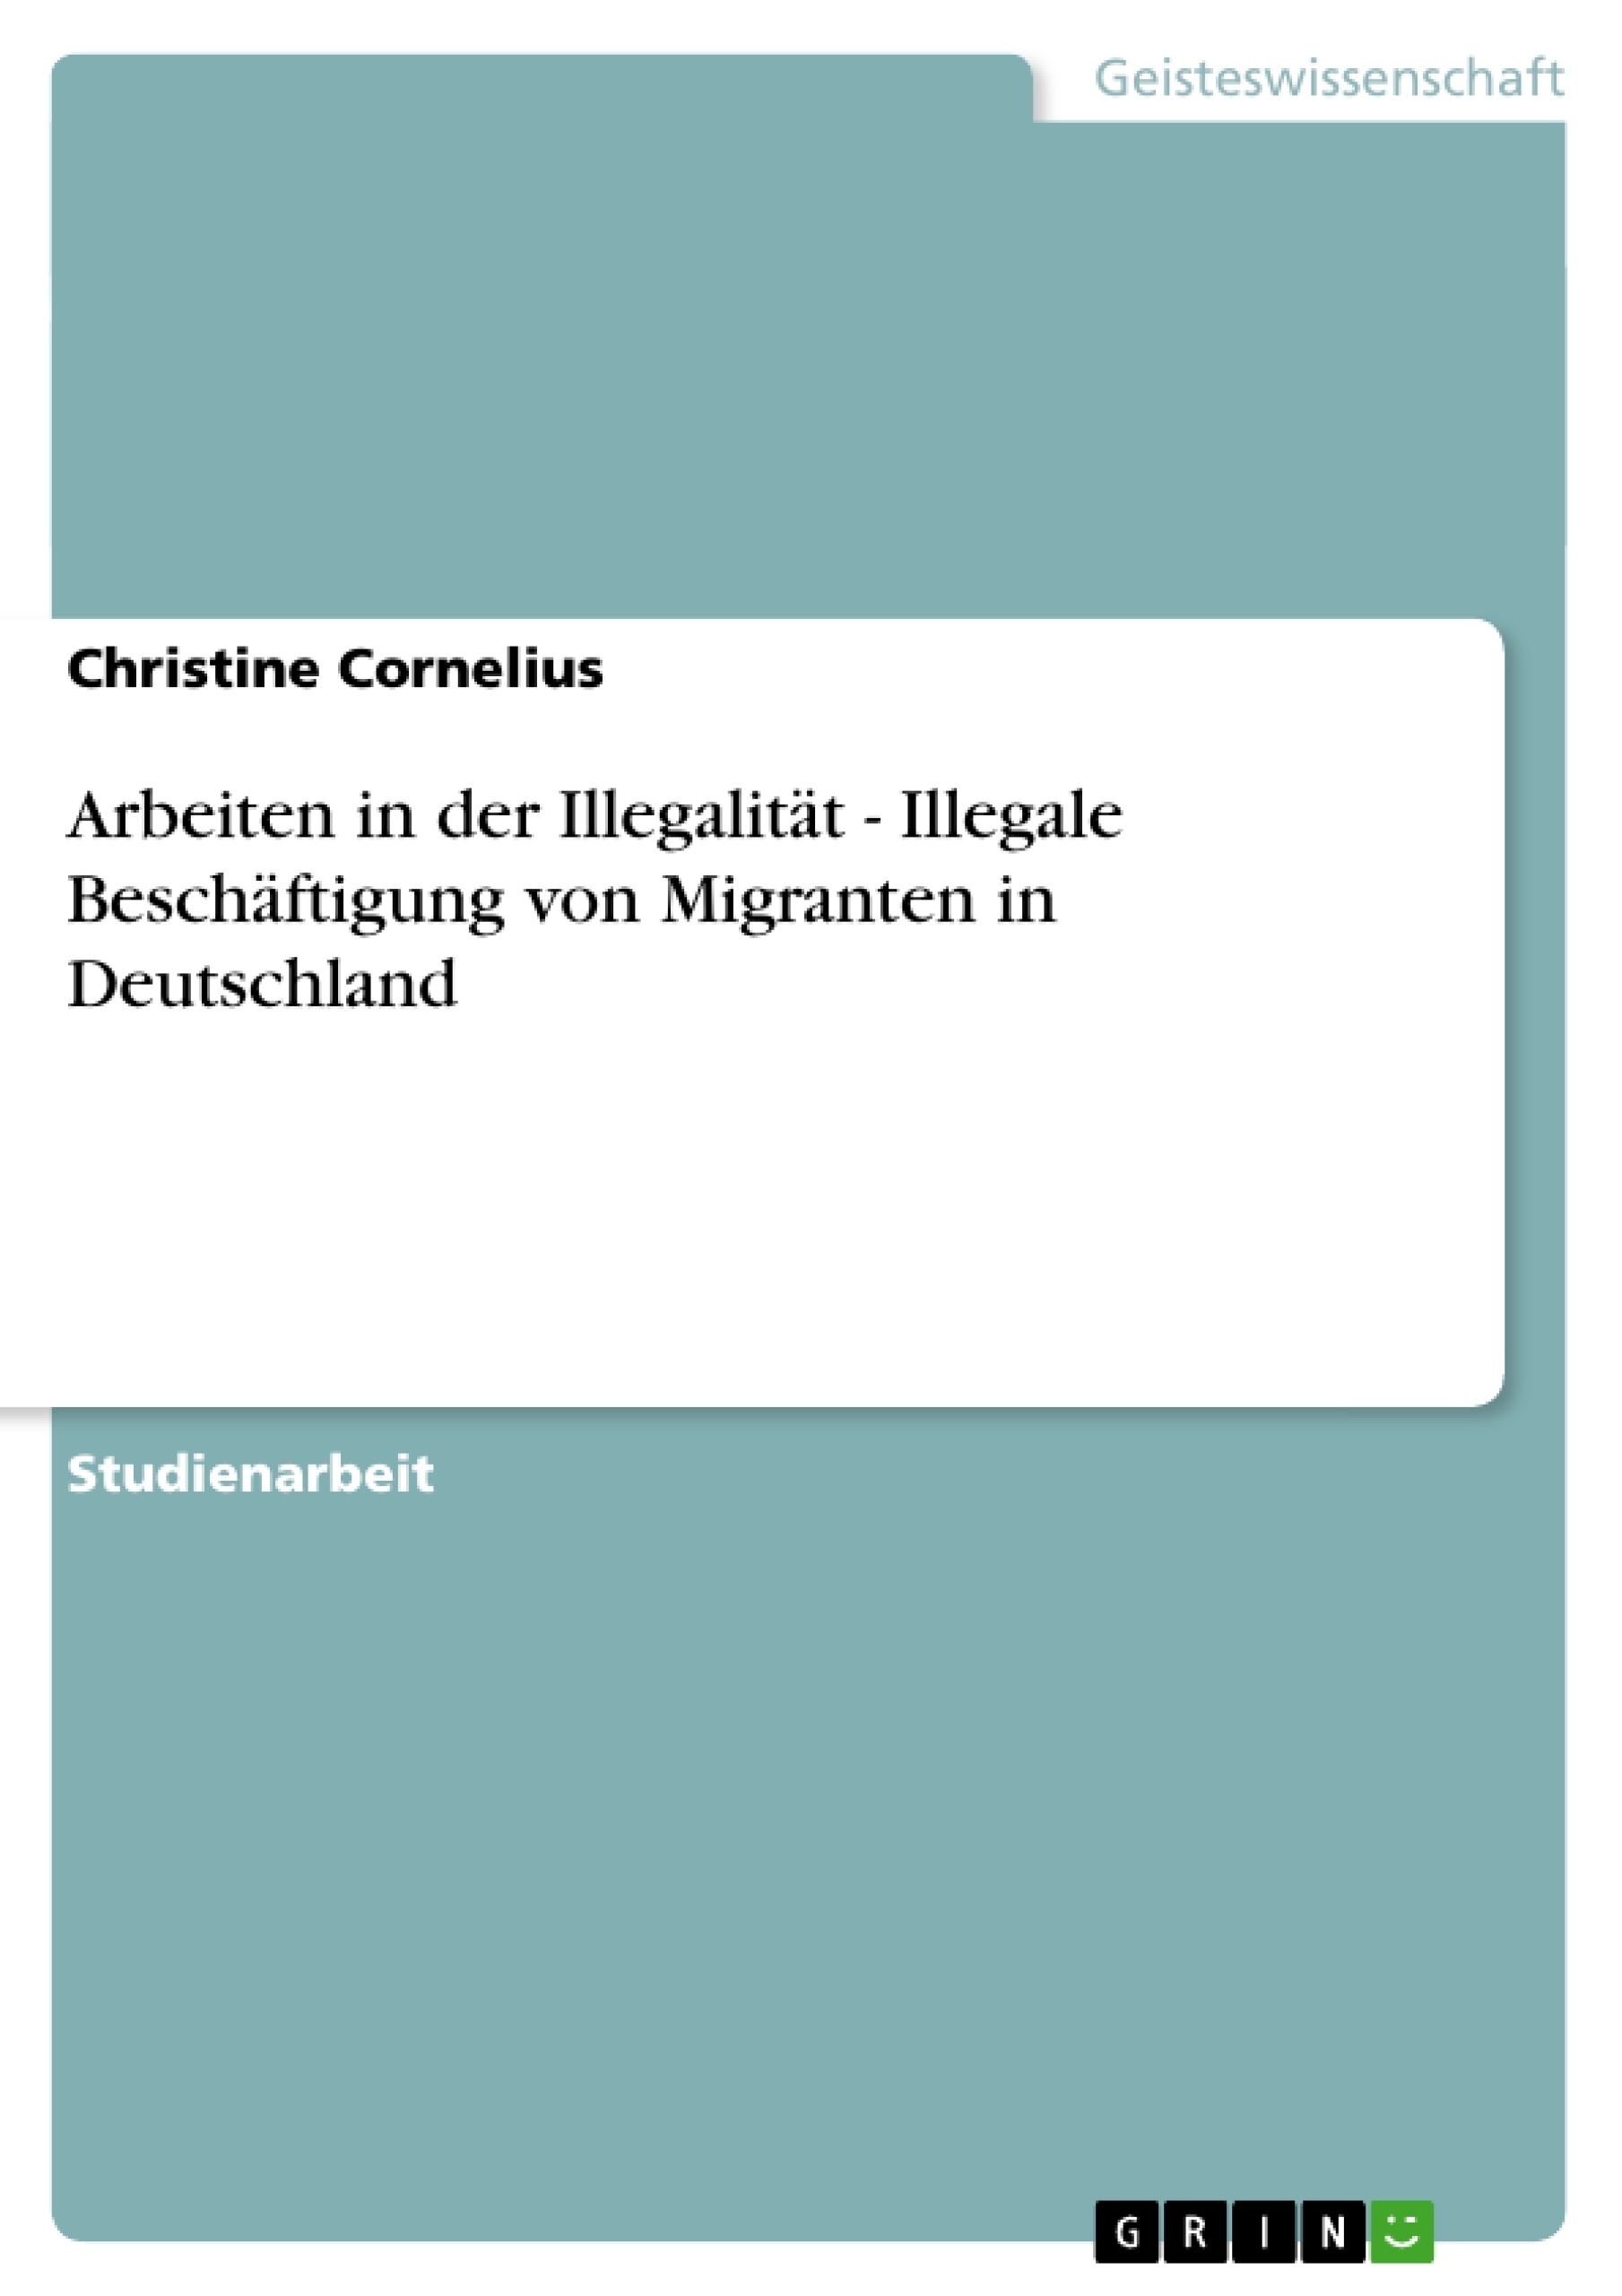 Titel: Arbeiten in der Illegalität - Illegale Beschäftigung von Migranten in Deutschland